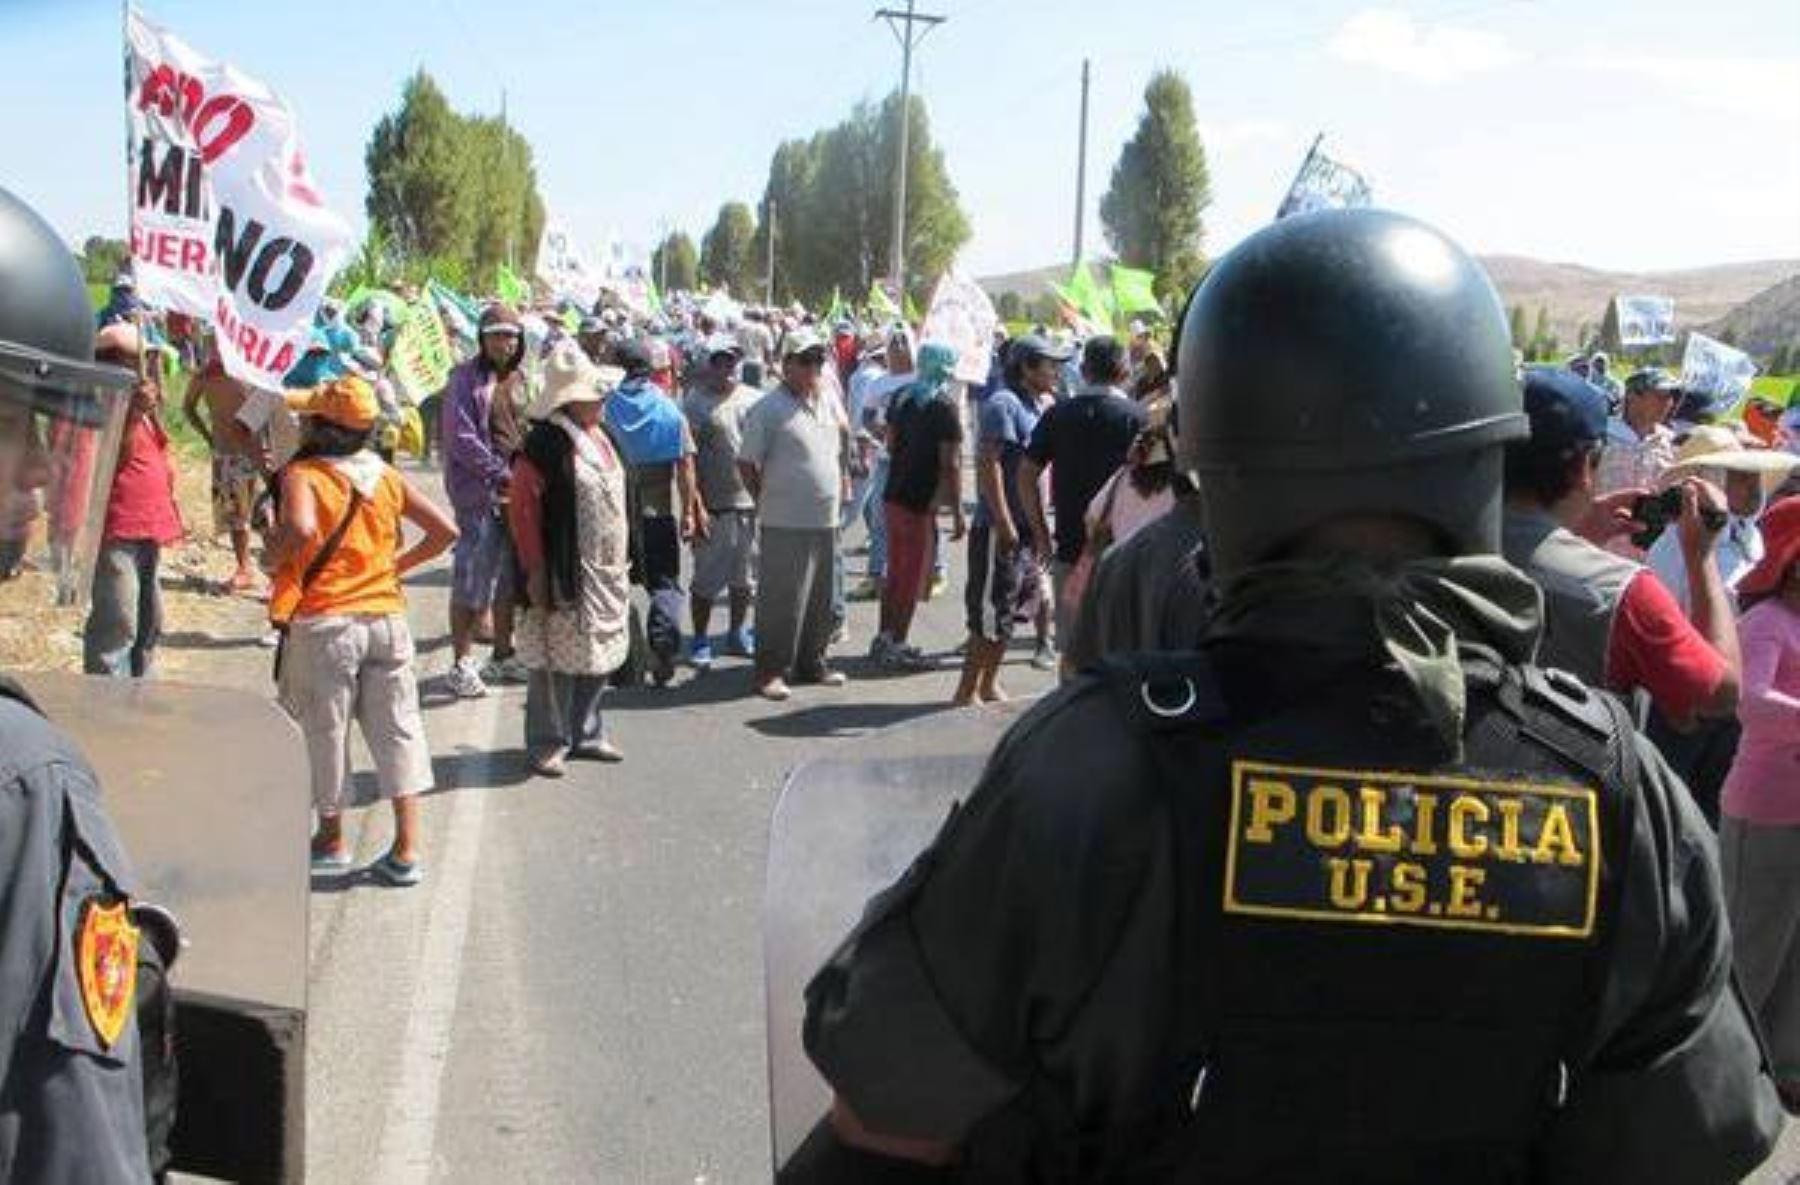 Las protestas violentas en Islay causaron la suspensión de las labores escolares en la zona. INTERNET/Medios